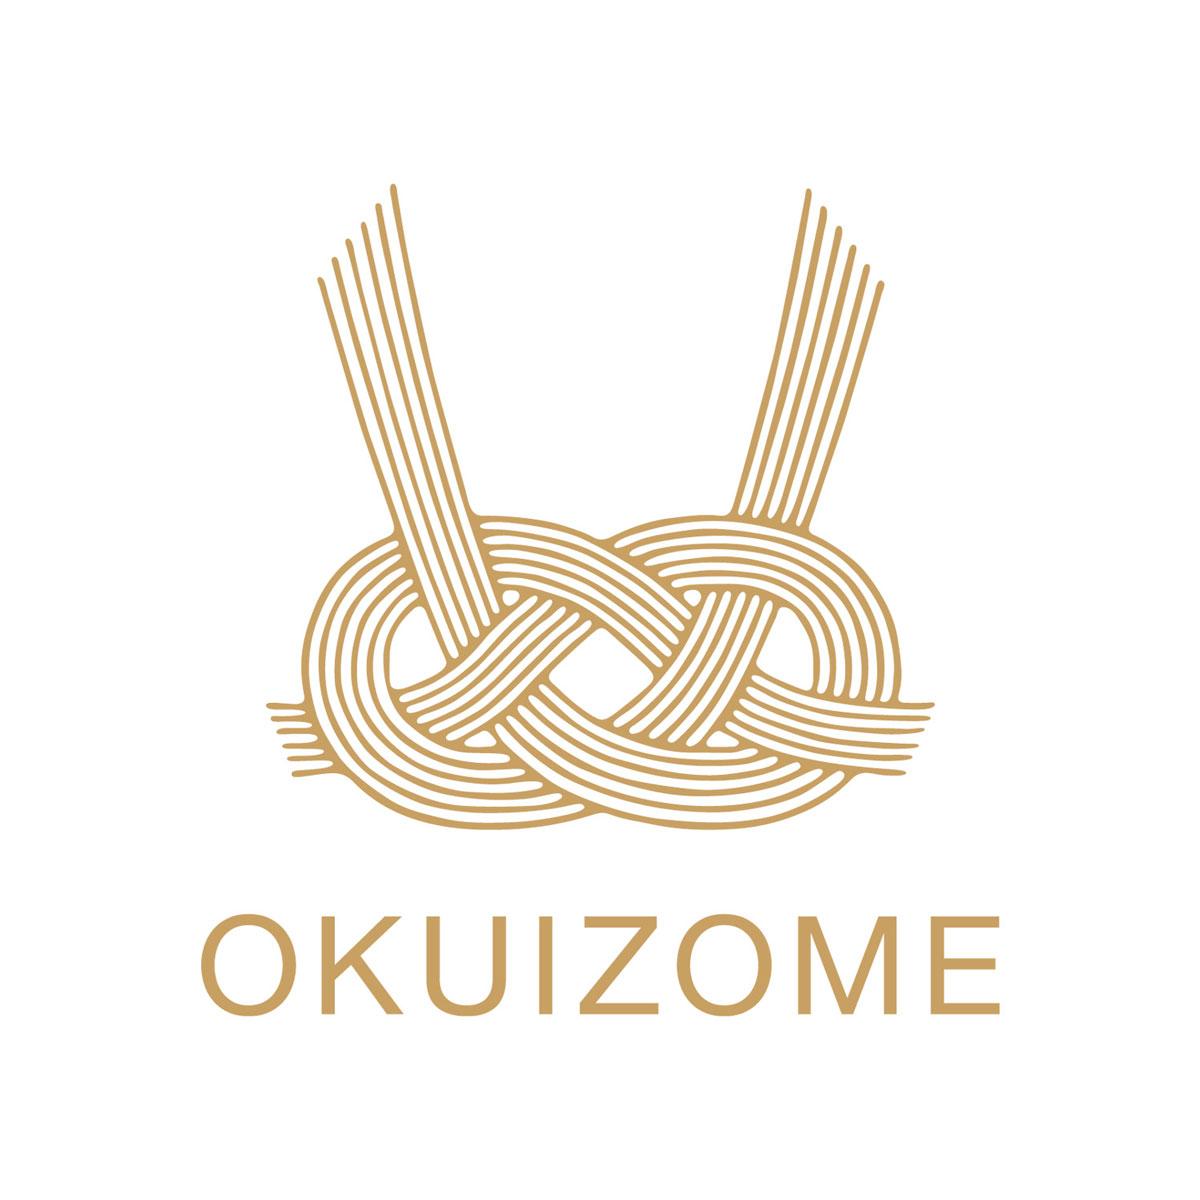 OKUIZOME / White